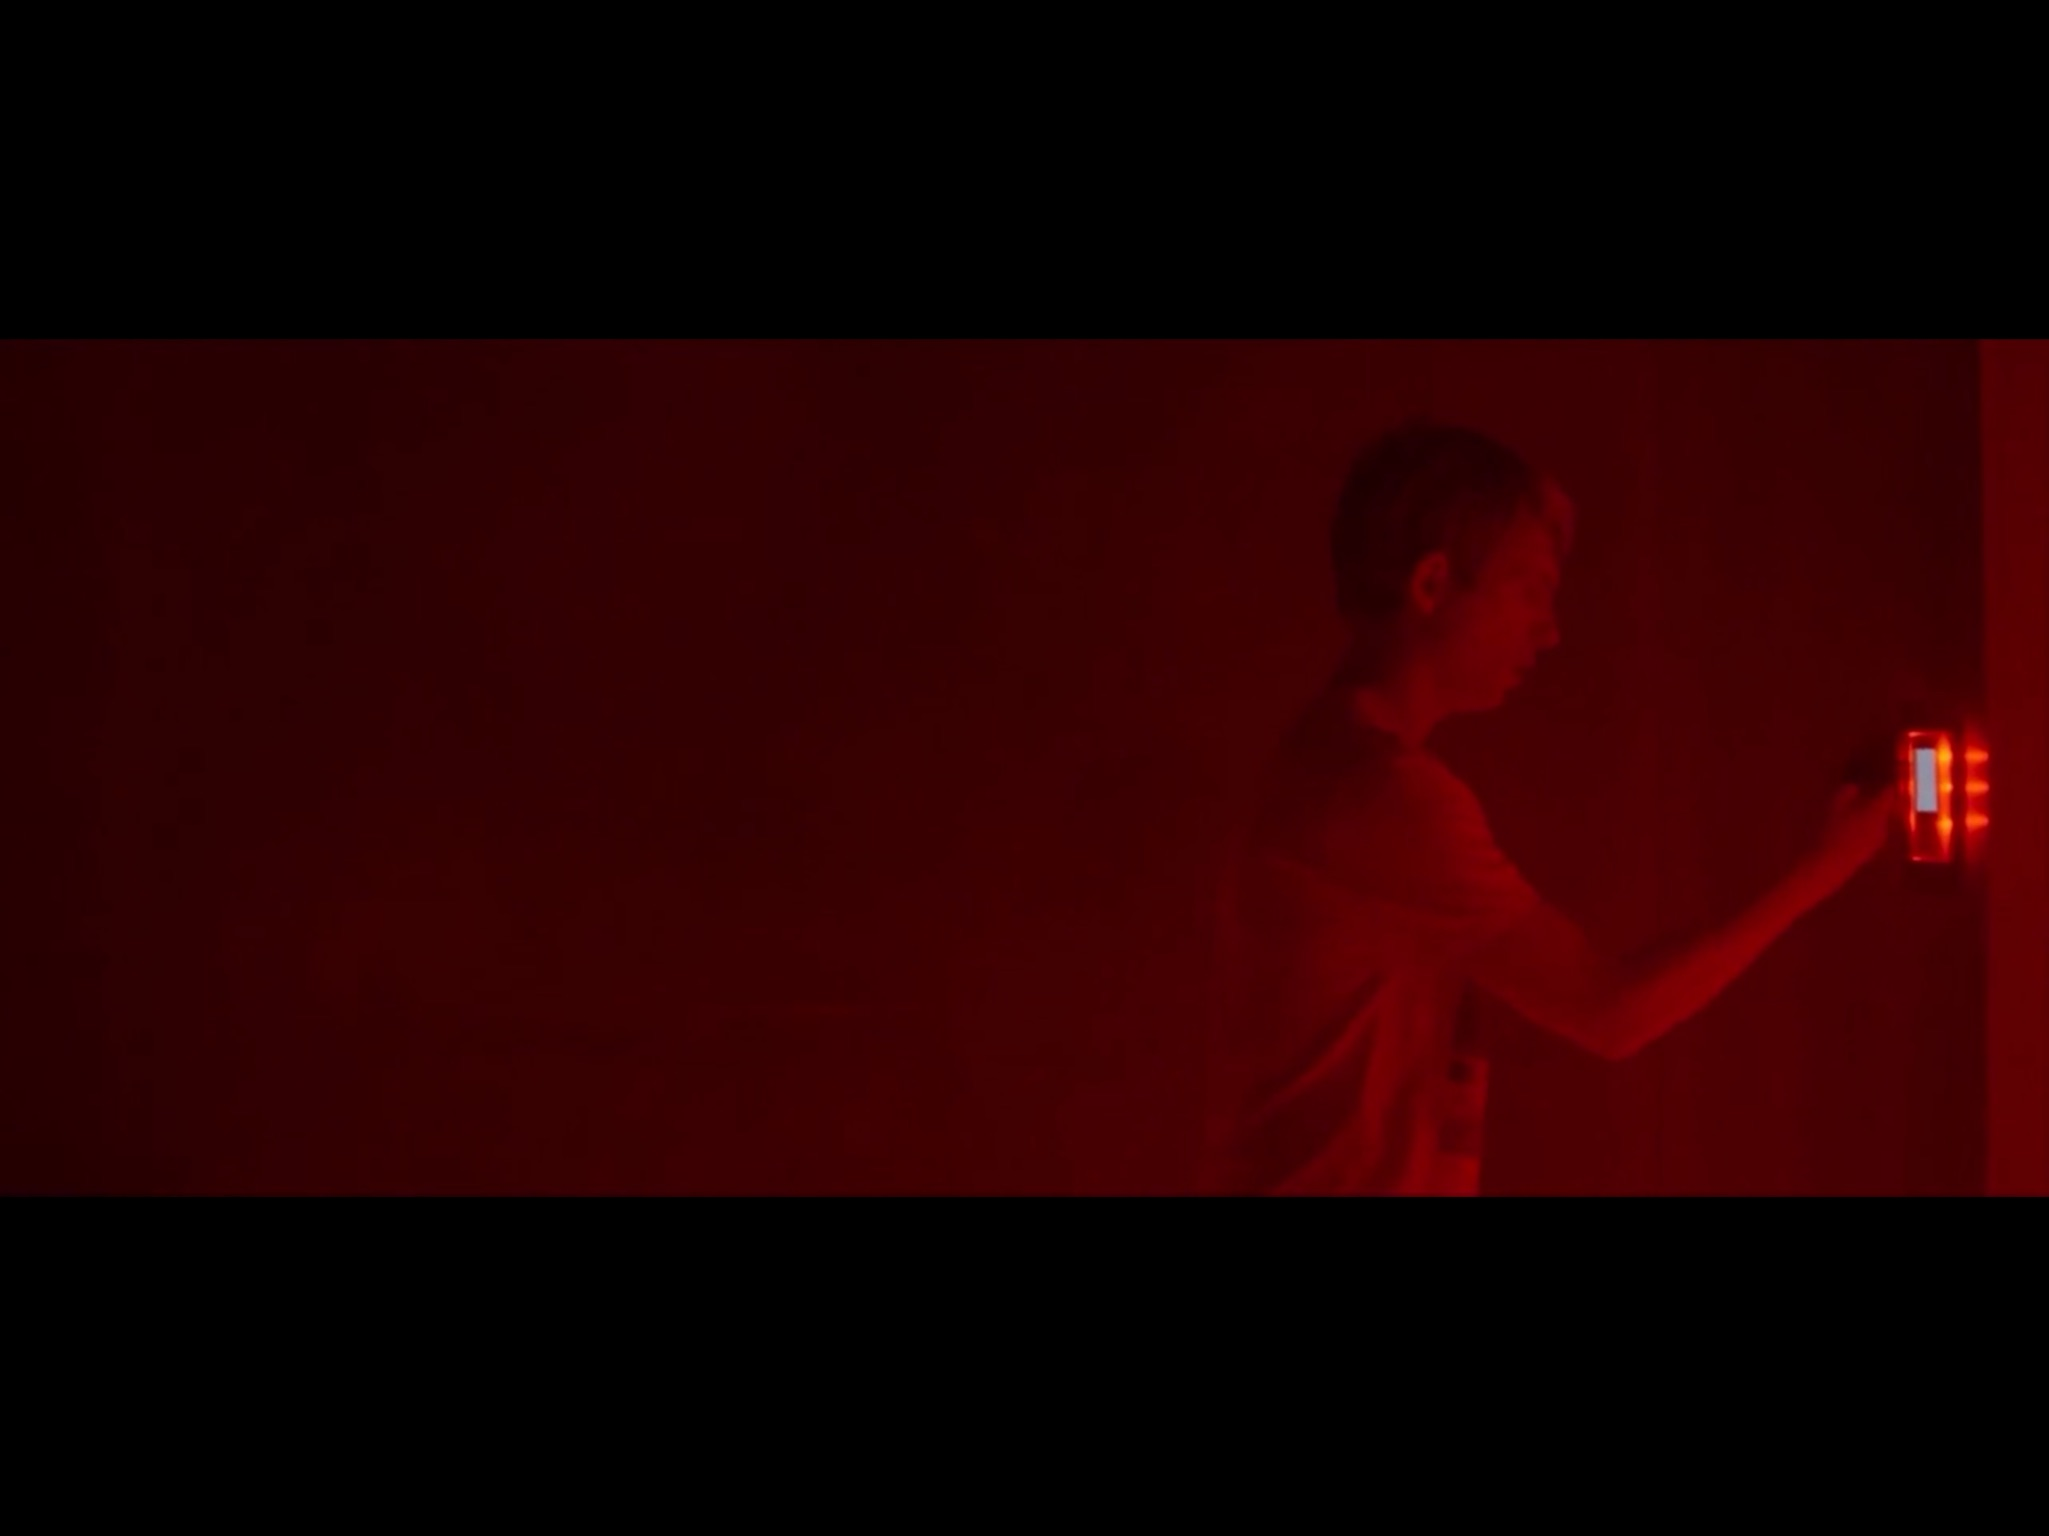 ex-machina-movie-screenshot-13.JPG